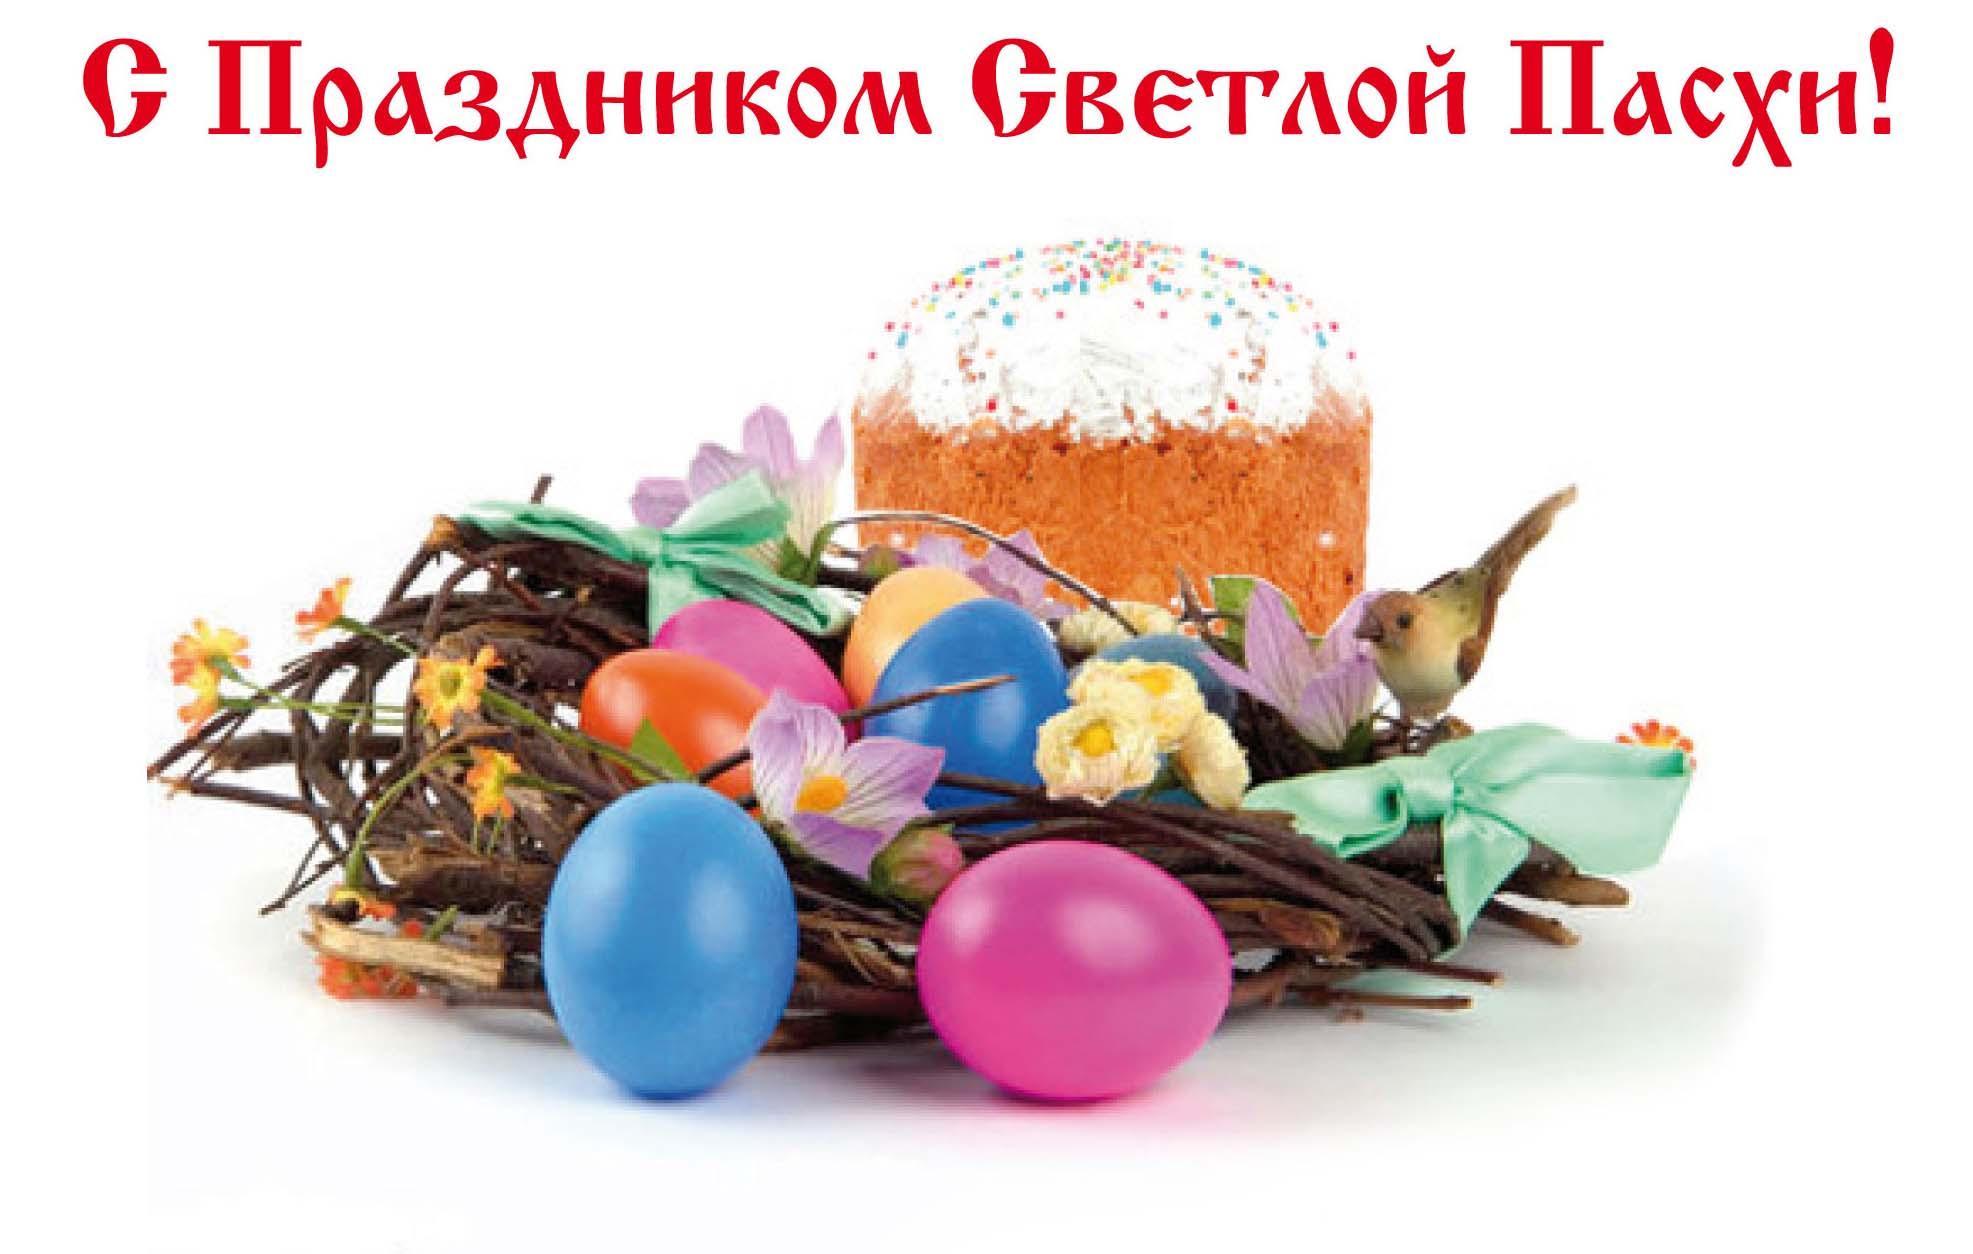 Поздравления на пасха 2011 дата